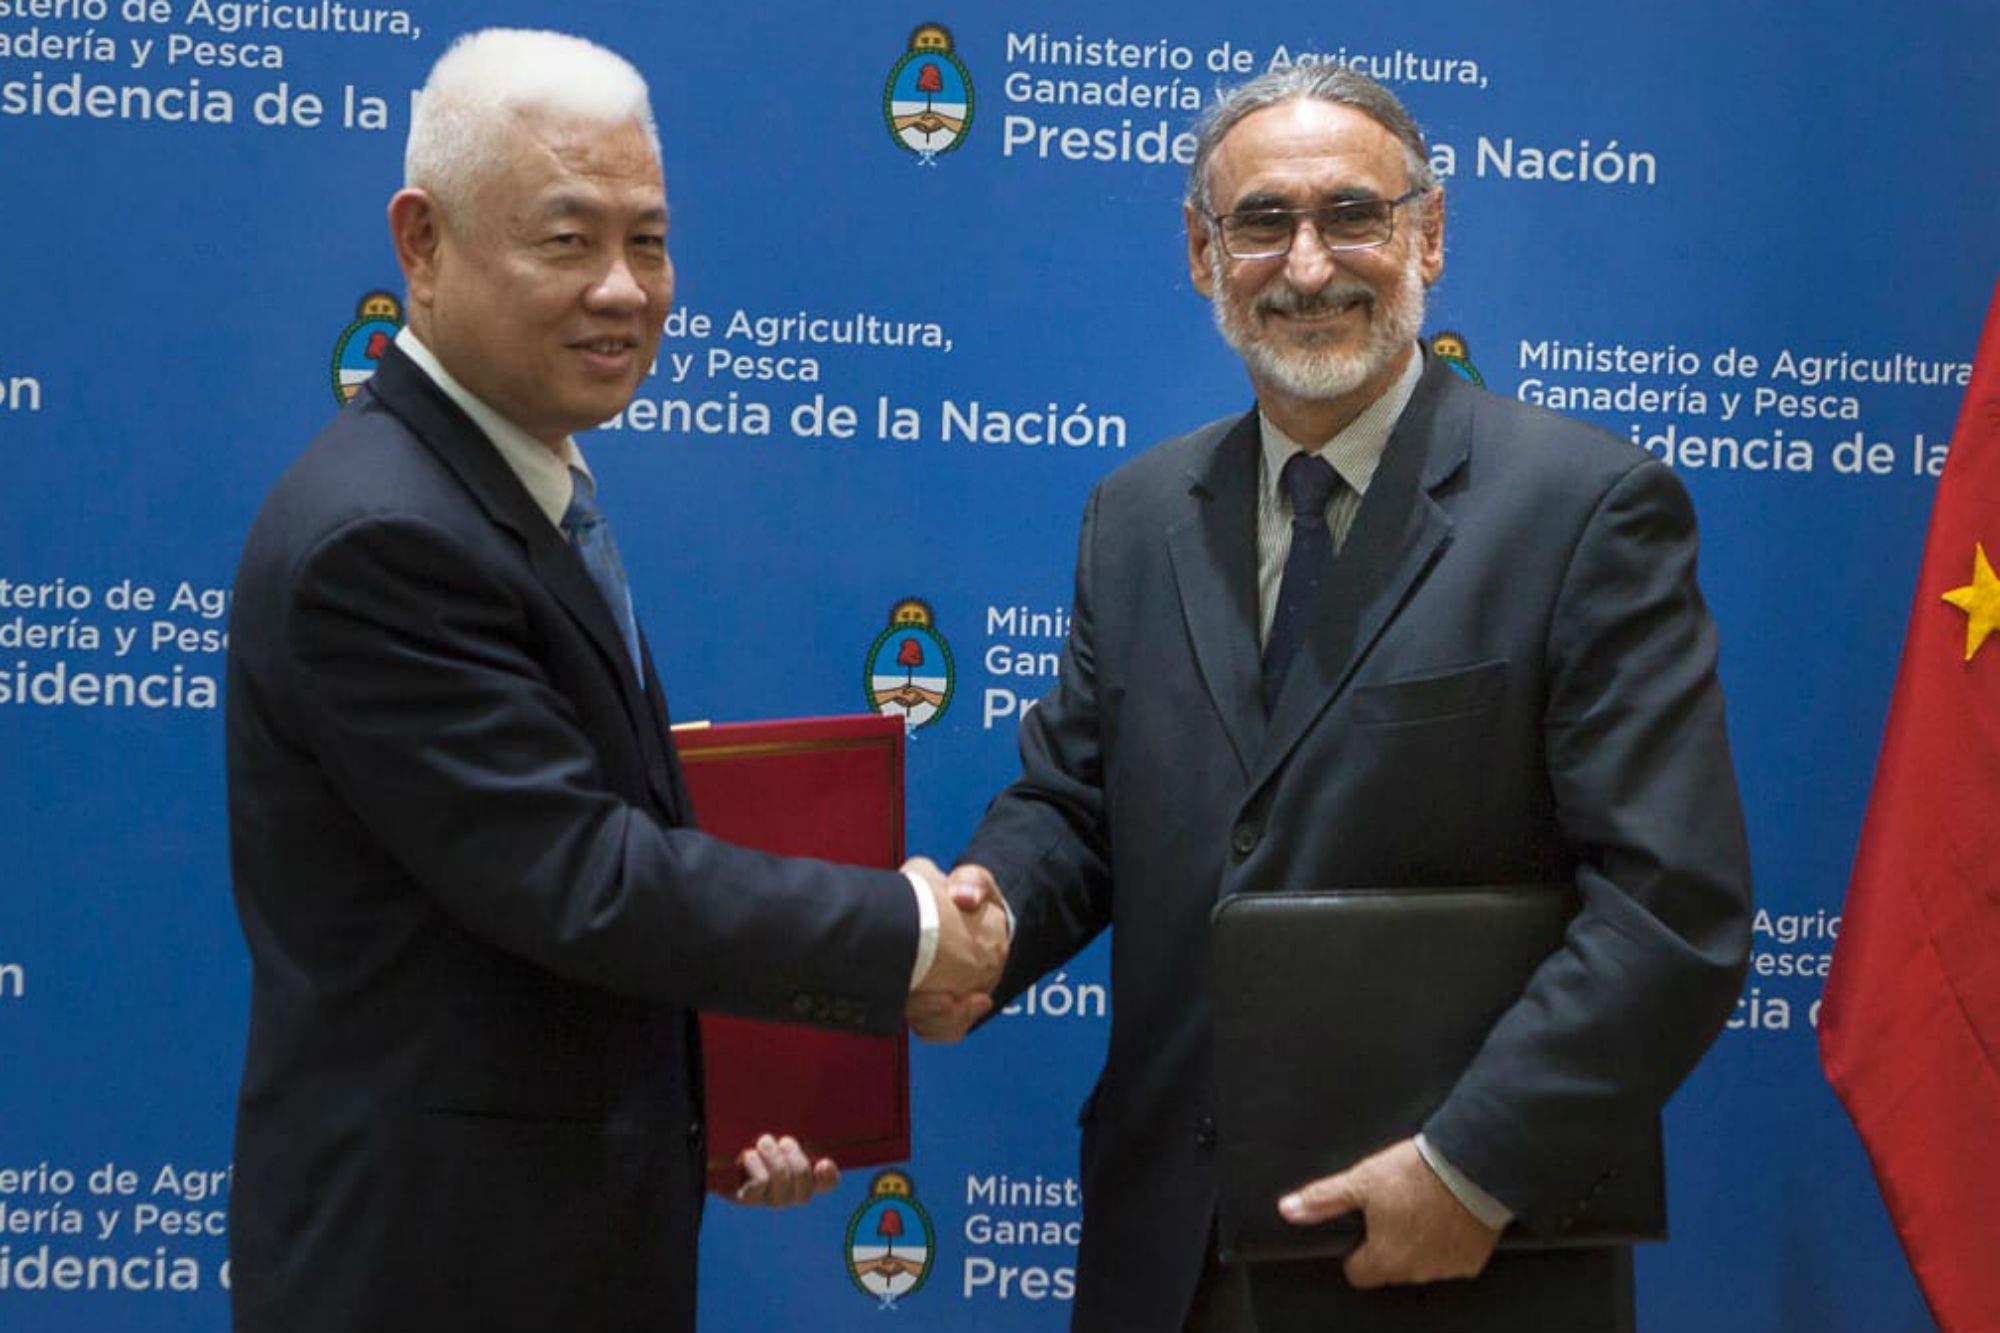 Tras 15 años de negociaciones. La Argentina exportará limones a China